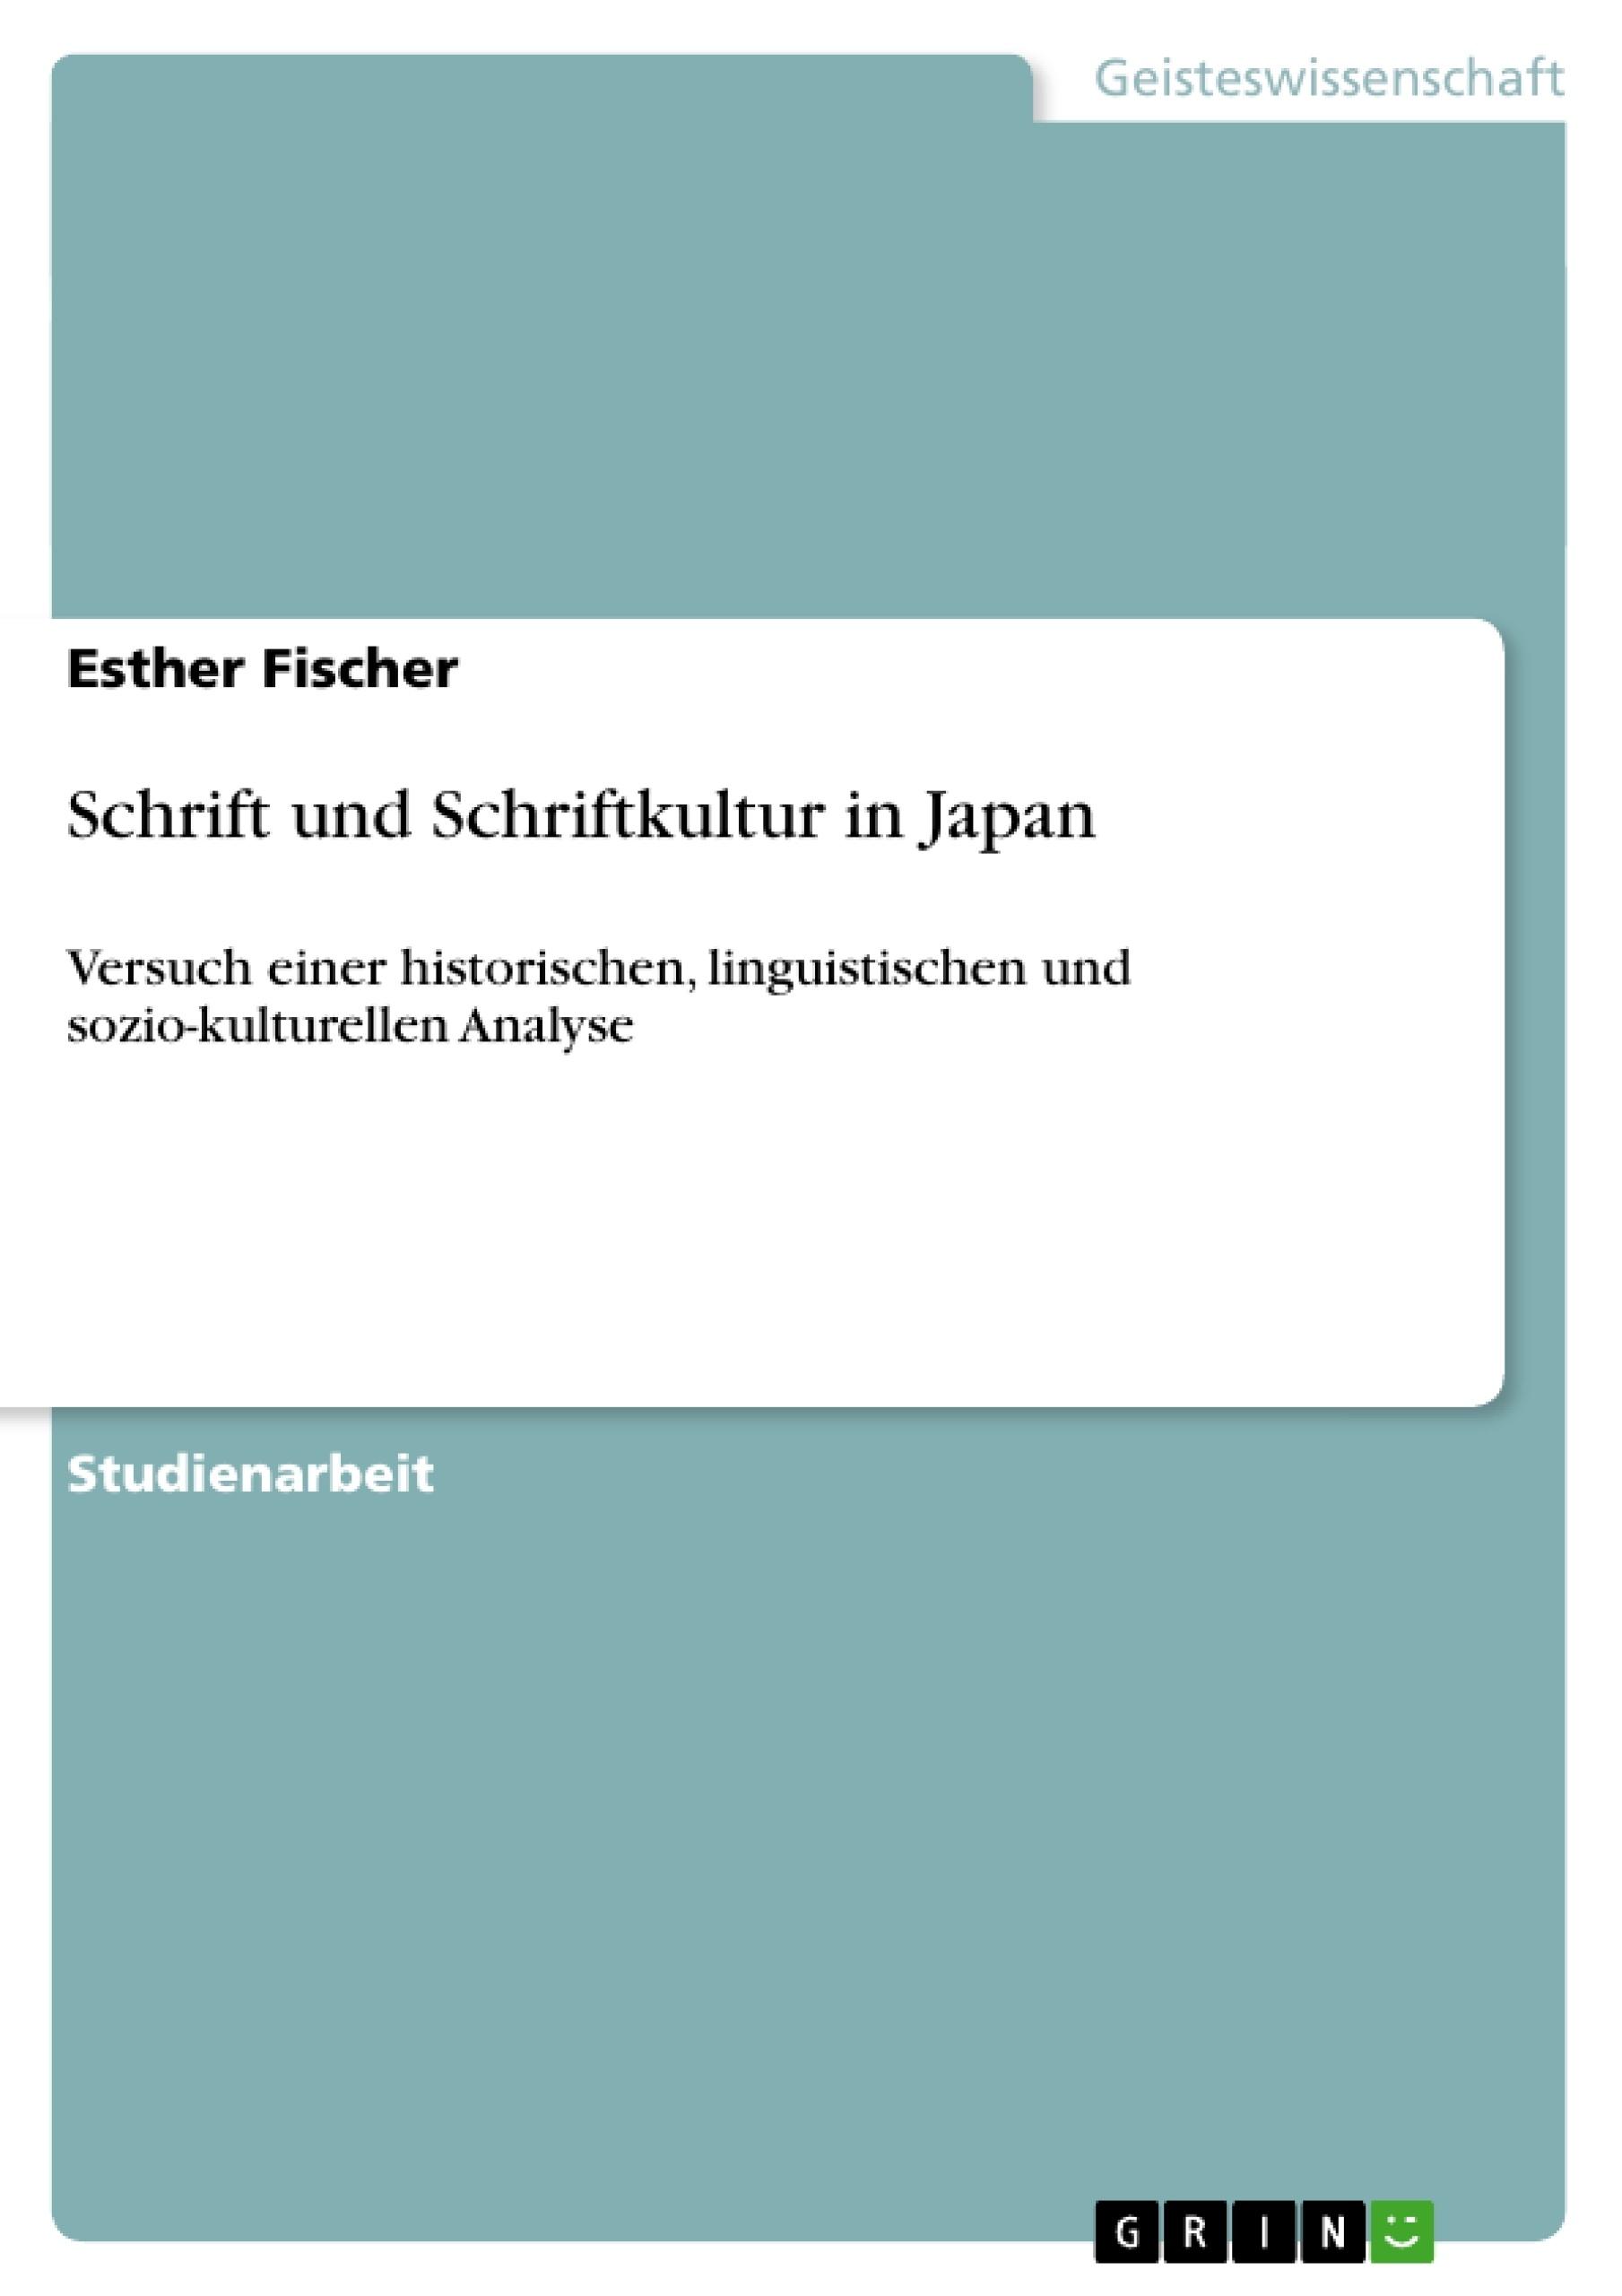 Titel: Schrift und Schriftkultur in Japan